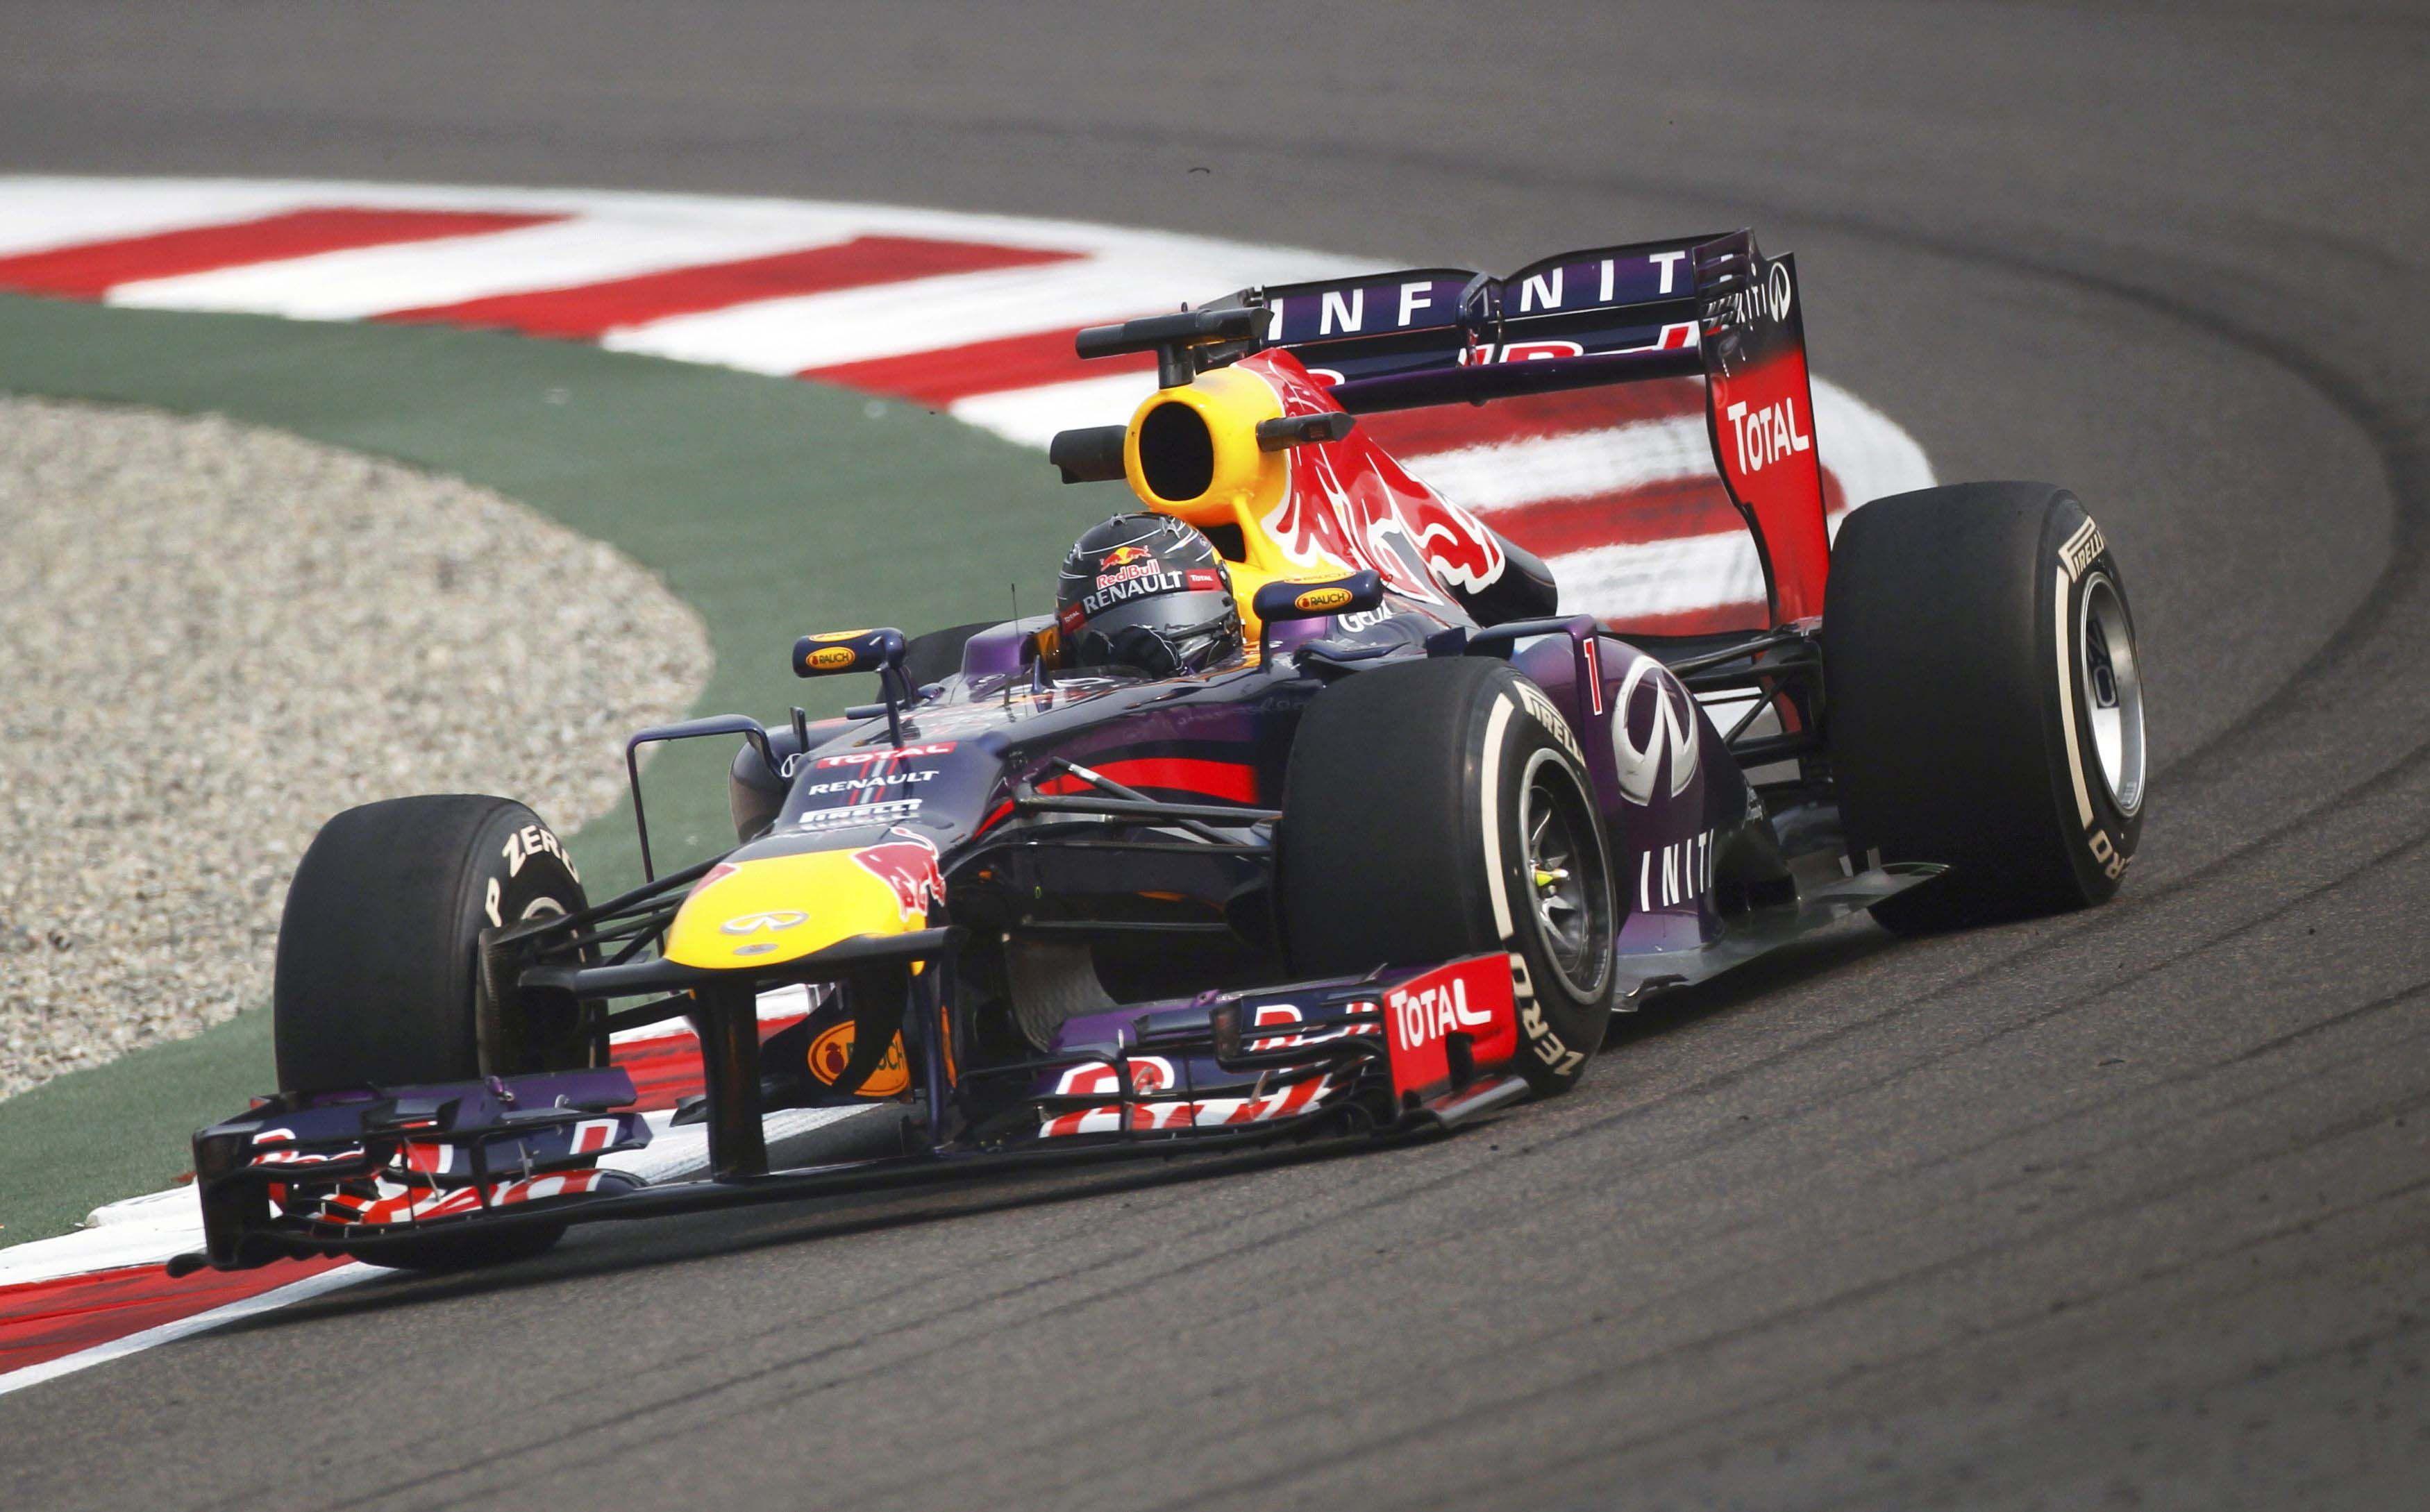 El mejor. El Red Bull entra con elegancia a una de las curvas del circuito indio. Esa clave aerodinámica le dio una ventaja cabal sobre el resto de los competidores al alemán.